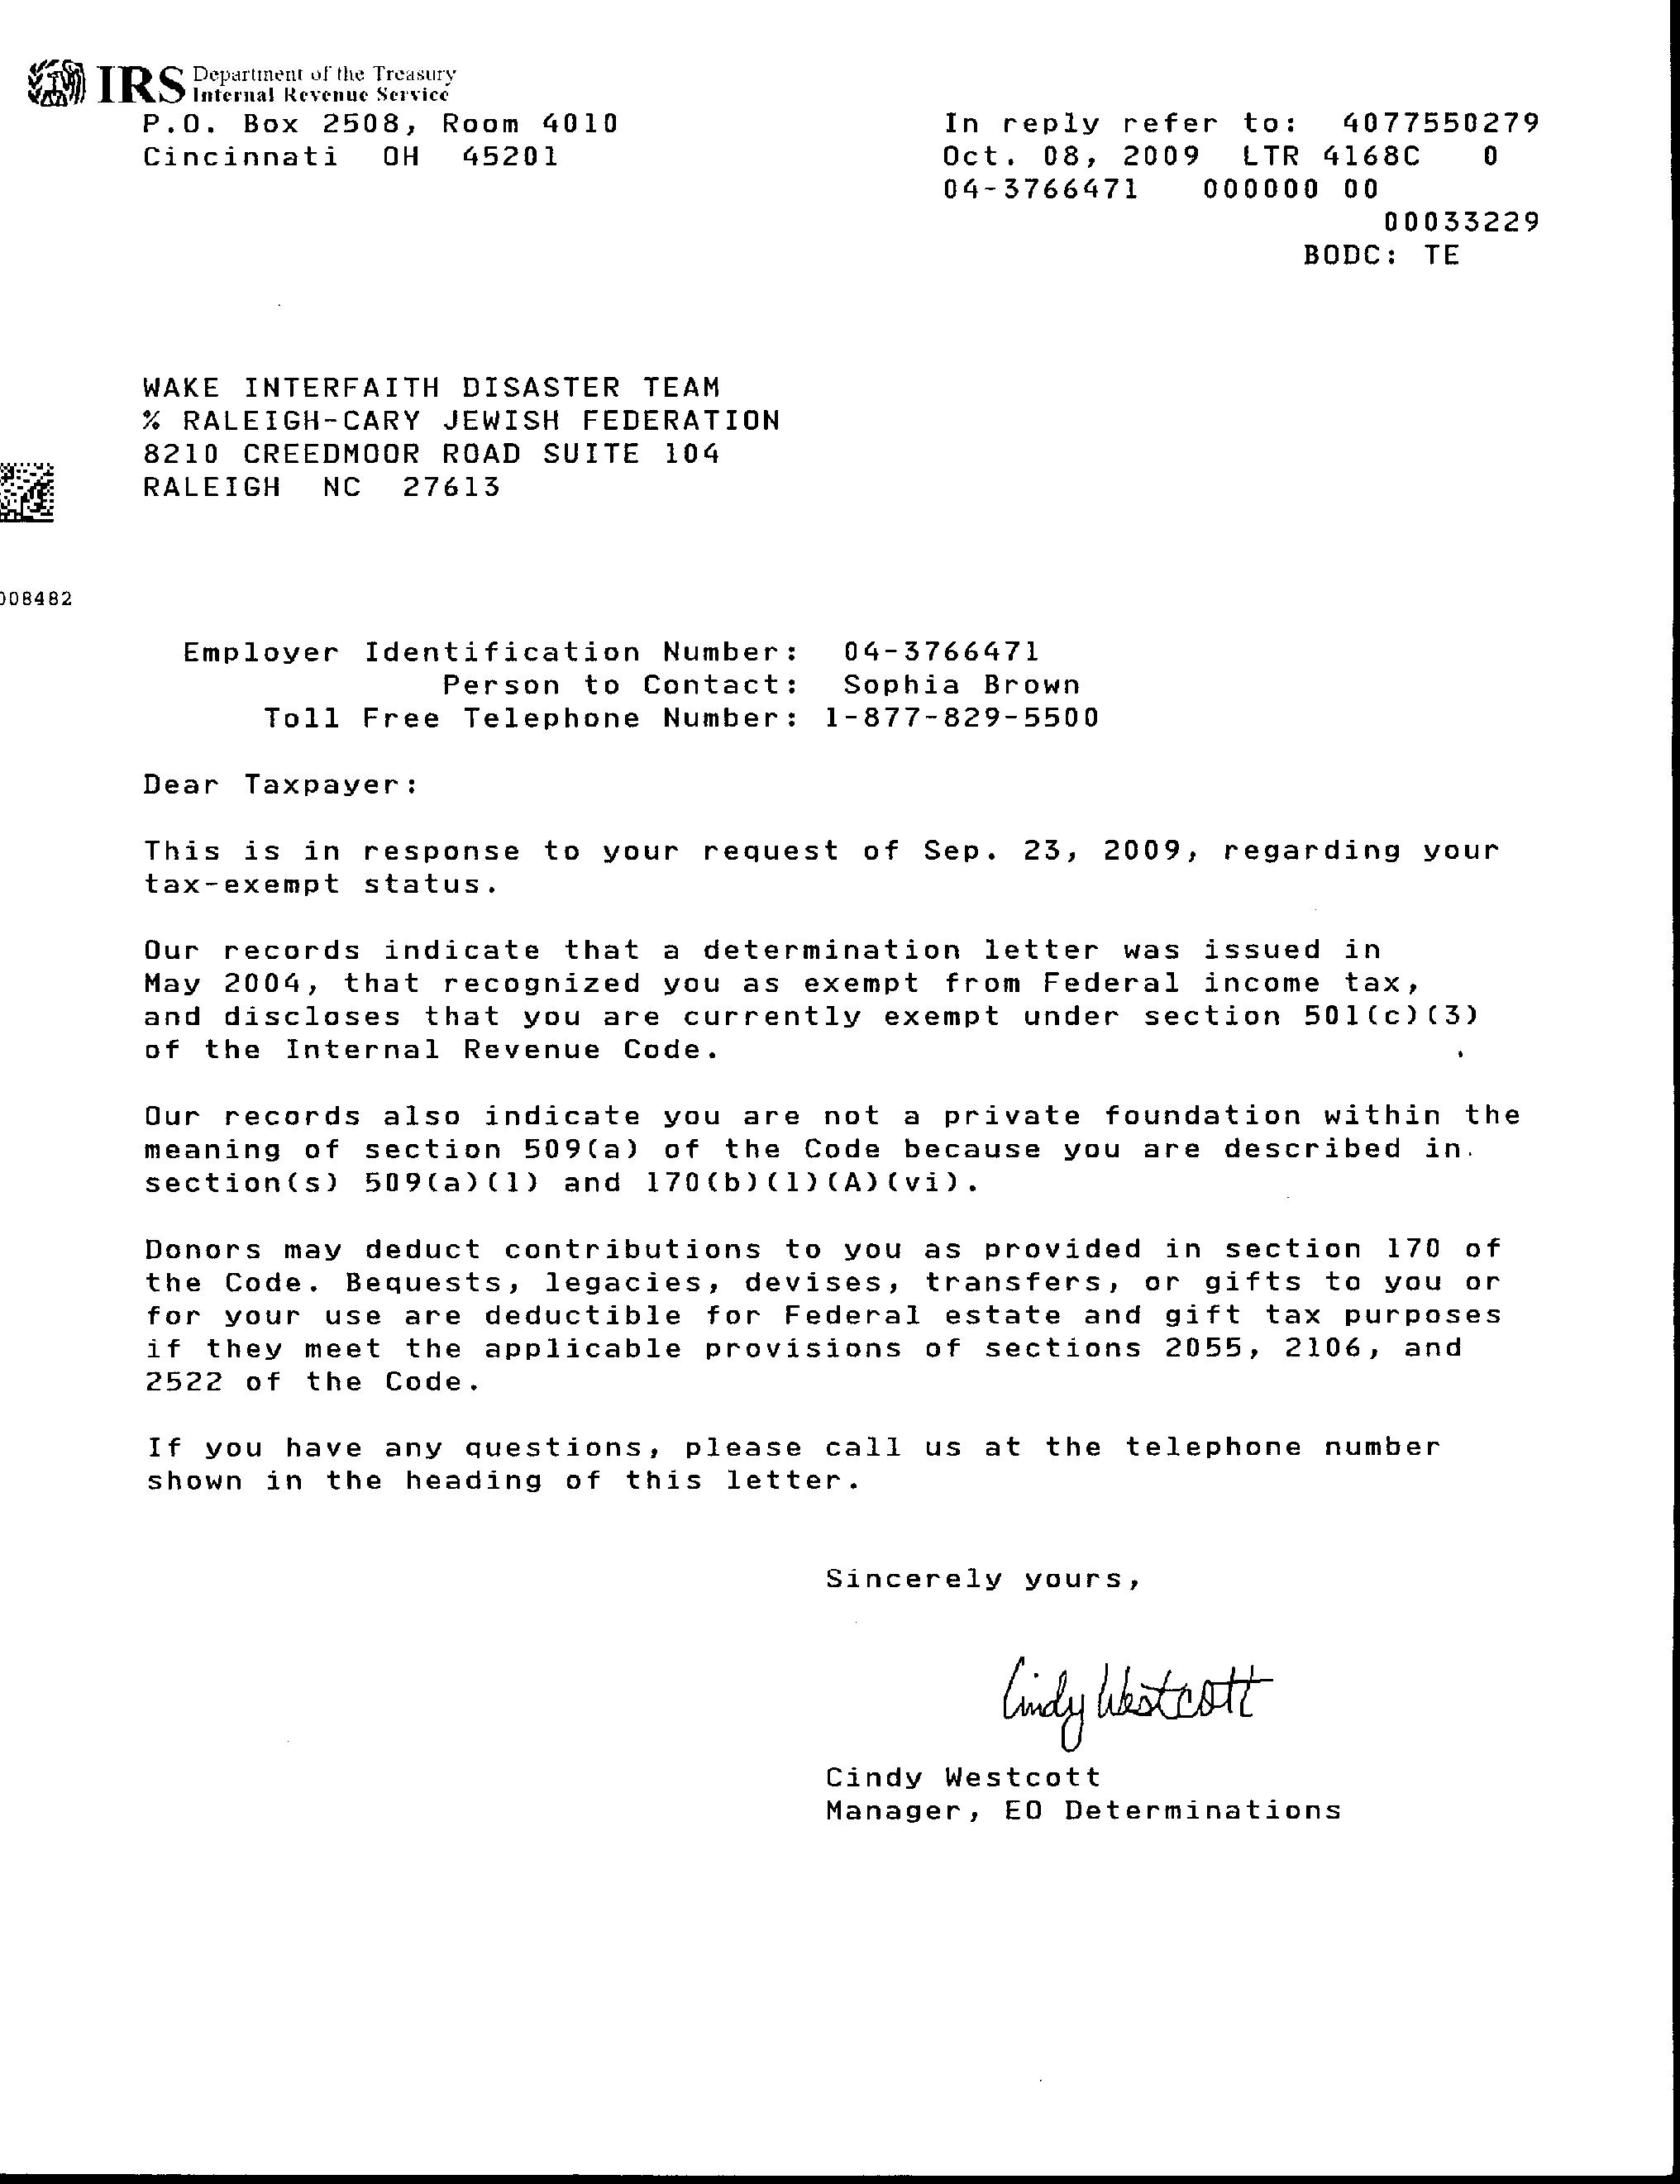 IRS FORM 147C